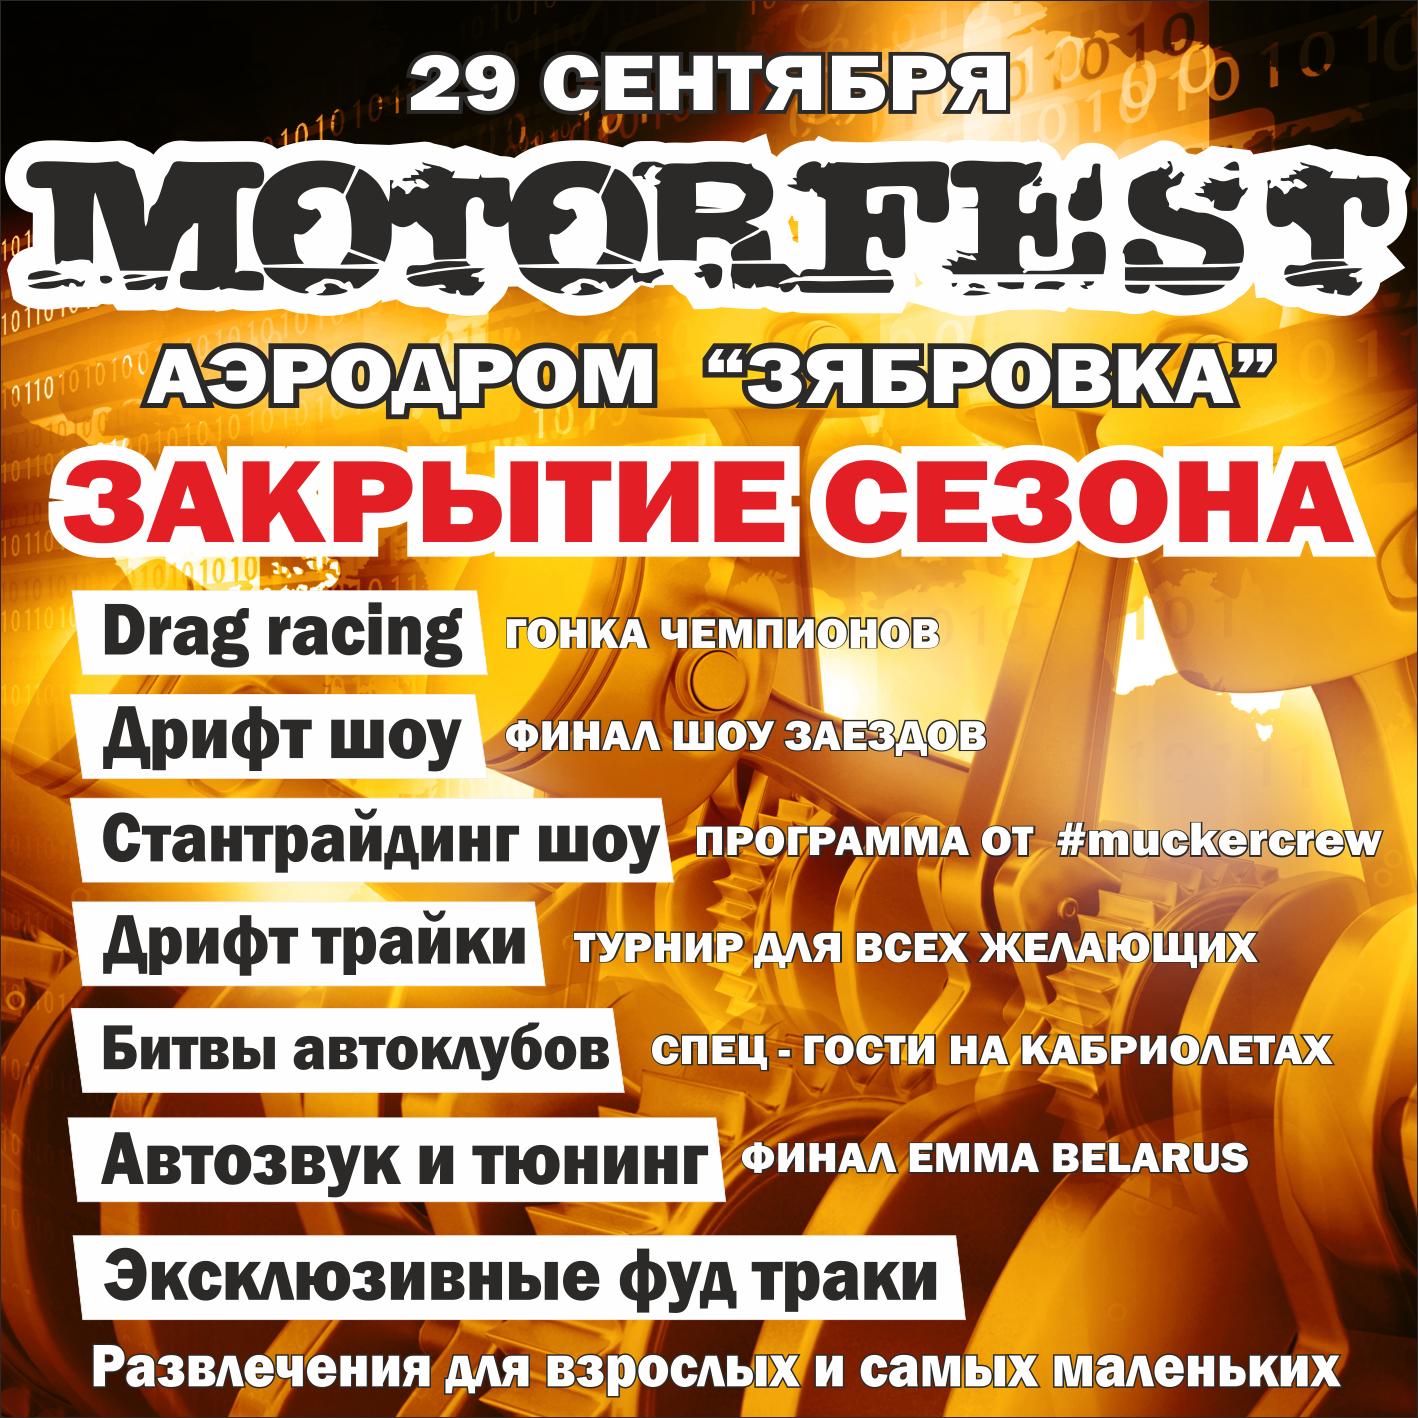 MOTORFEST Закрытие сезона - 29 сентября